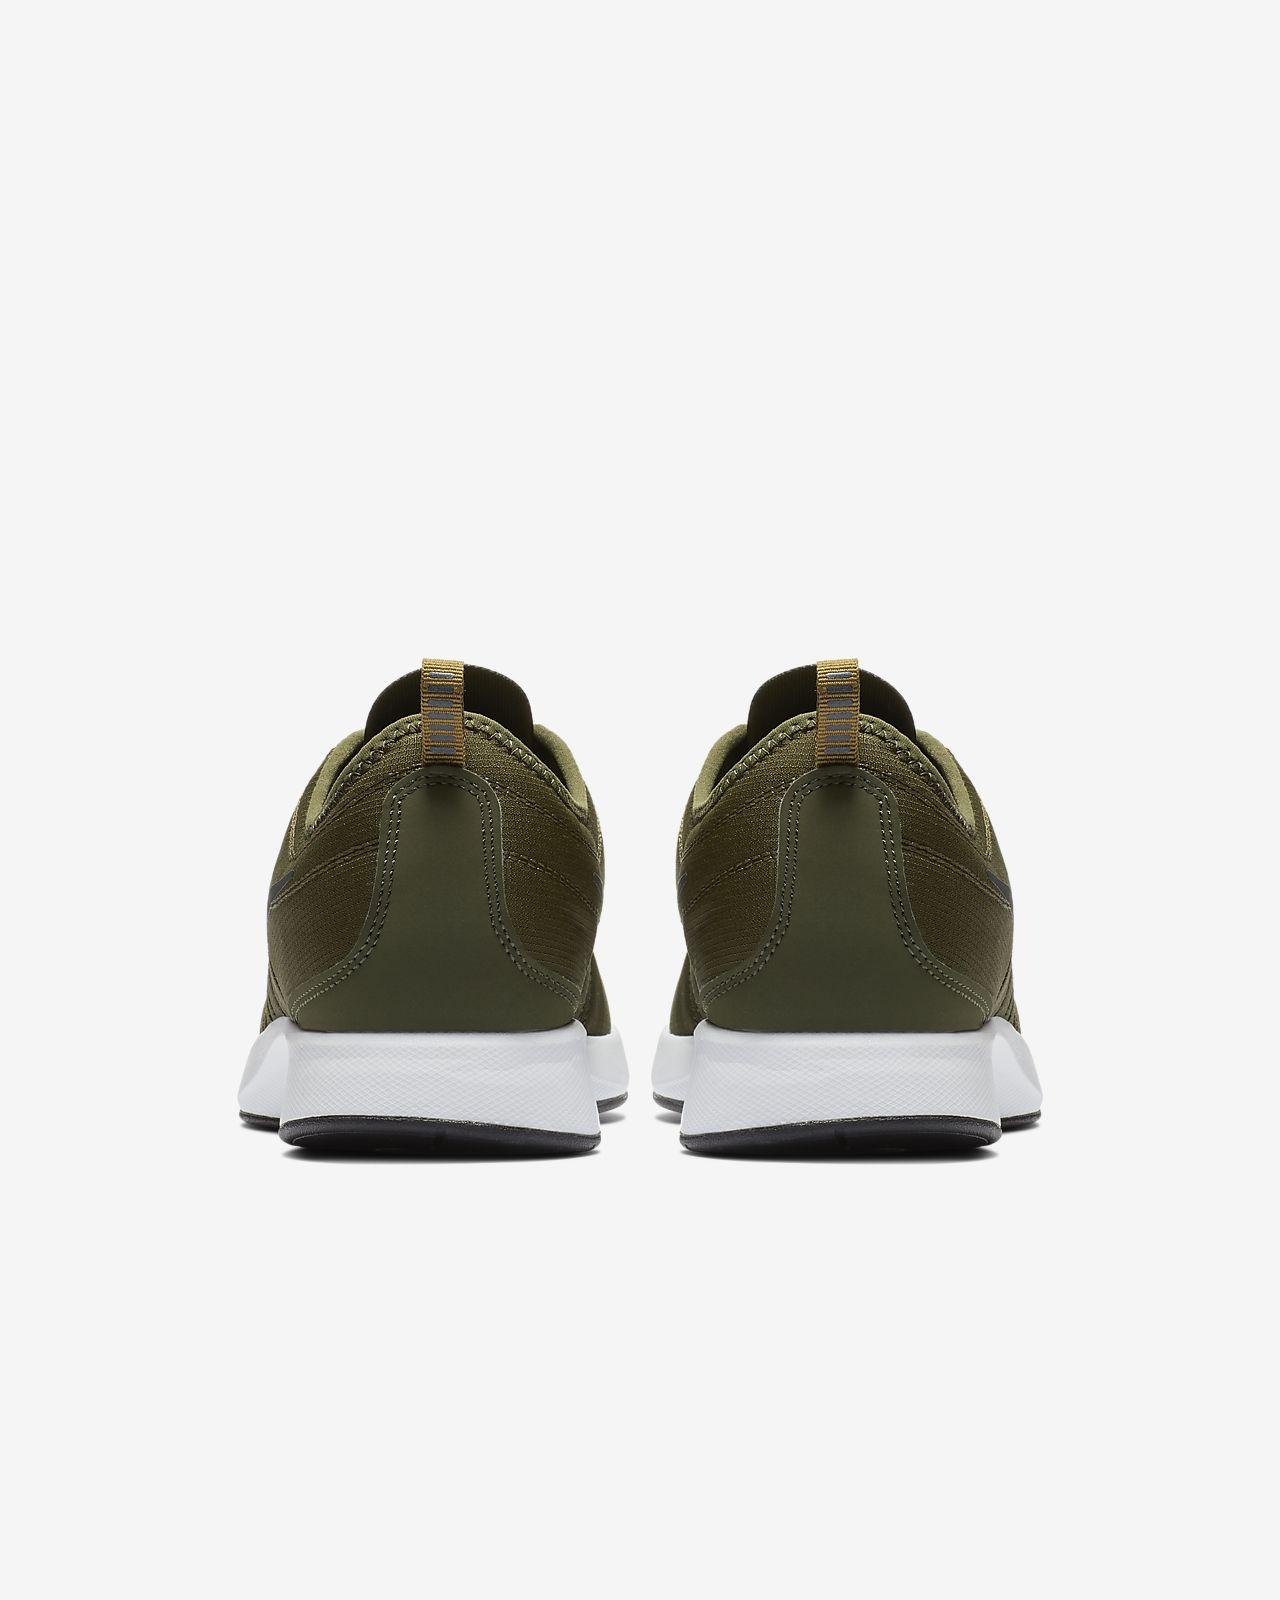 8518dd60ebb33 Nike Dualtone Racer Zapatillas - Hombre. Nike.com ES